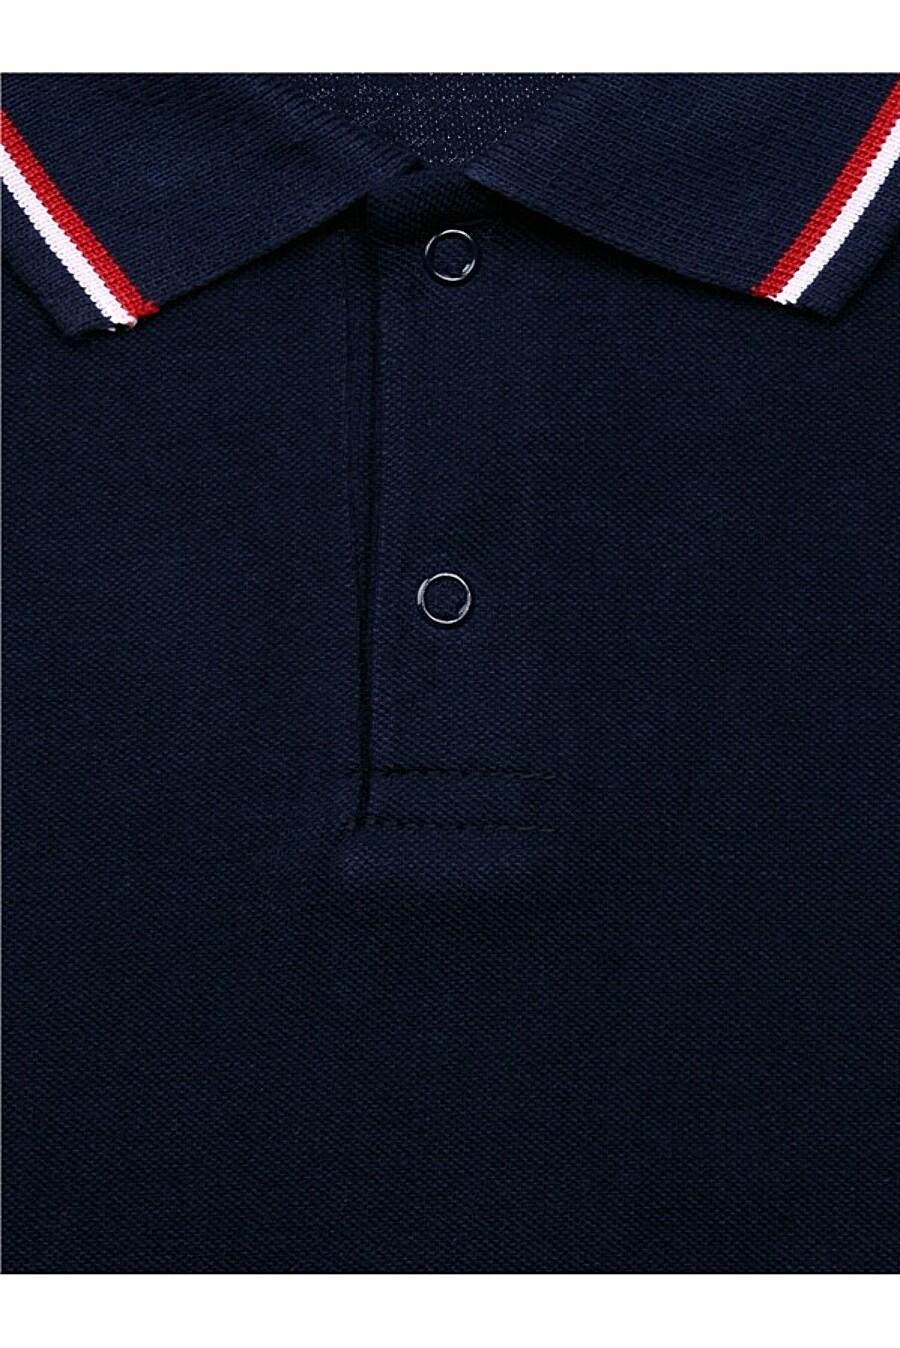 Поло для мальчиков Archi 158487 купить оптом от производителя. Совместная покупка детской одежды в OptMoyo